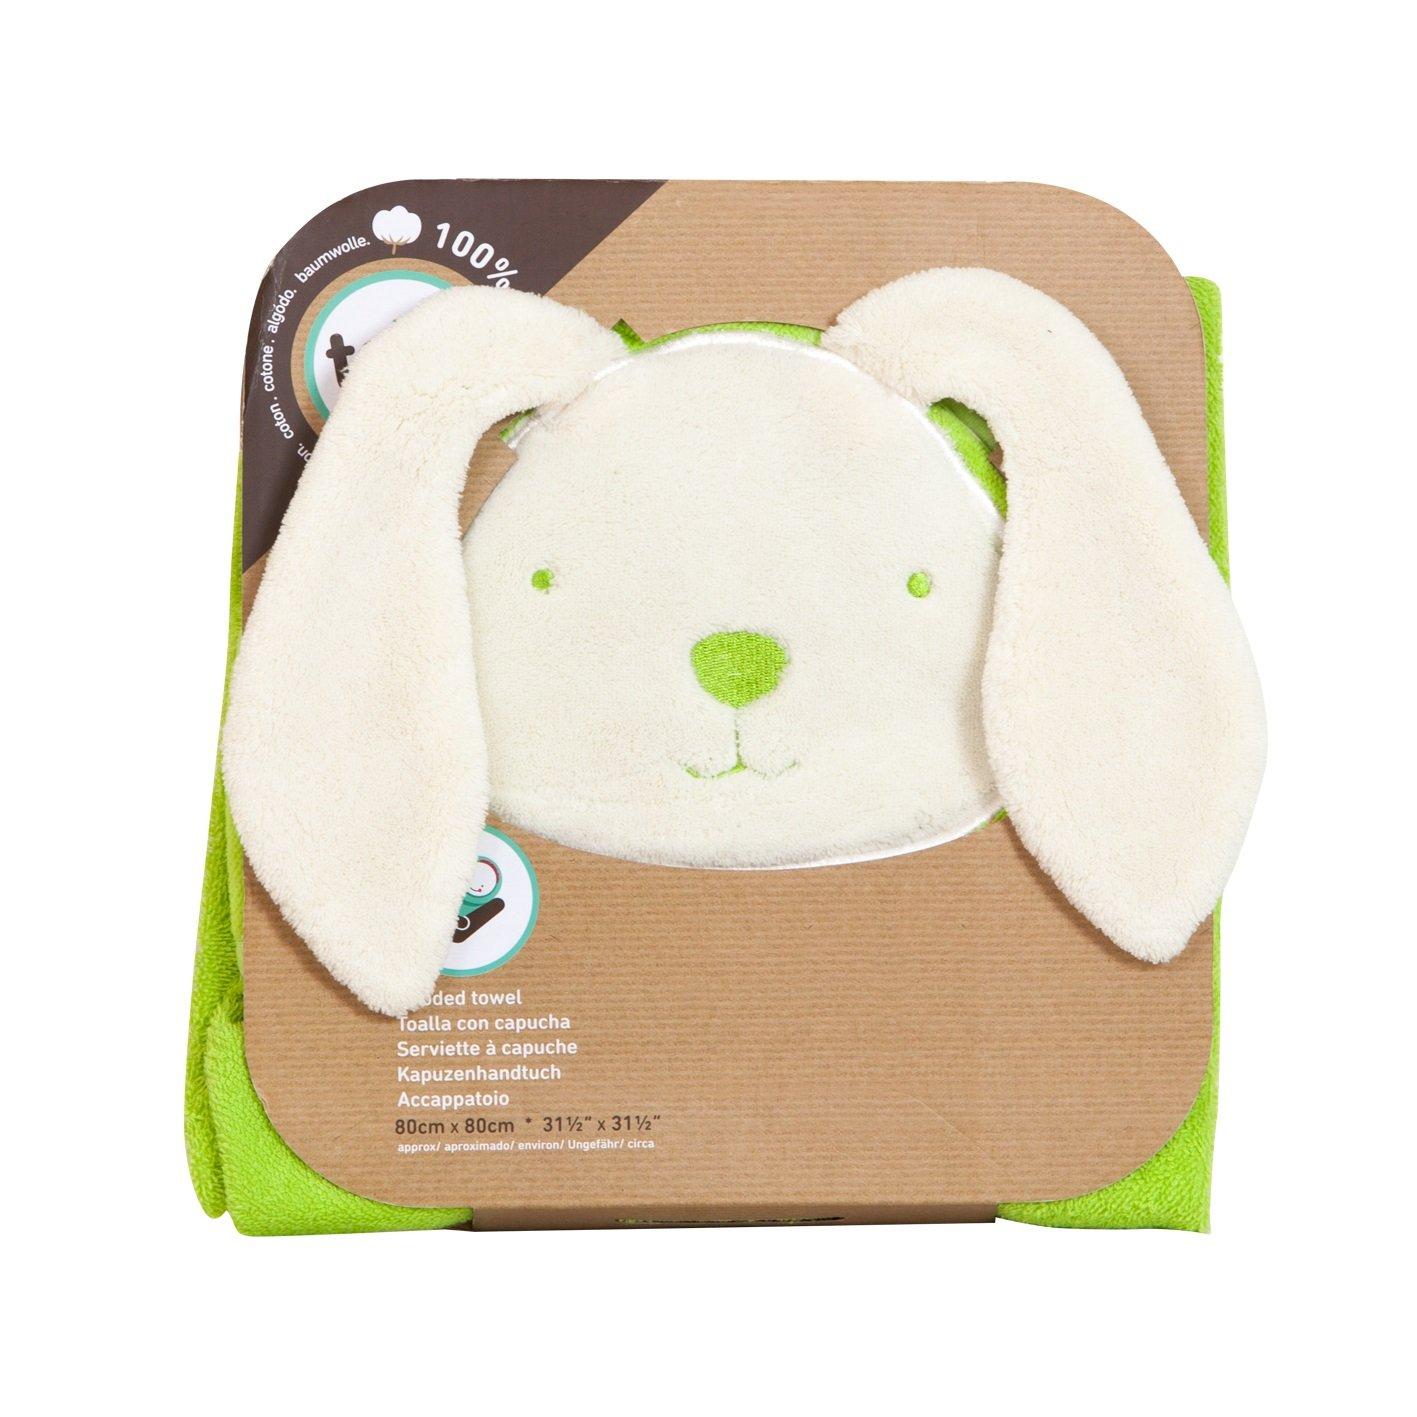 CPC by Smartrike 180-103 la alegr/ía de la toalla con capucha colour verde en caras divertidas dise/ño de conejo 80 x 80 cm 100 por ciento suave rizo de algod/ón